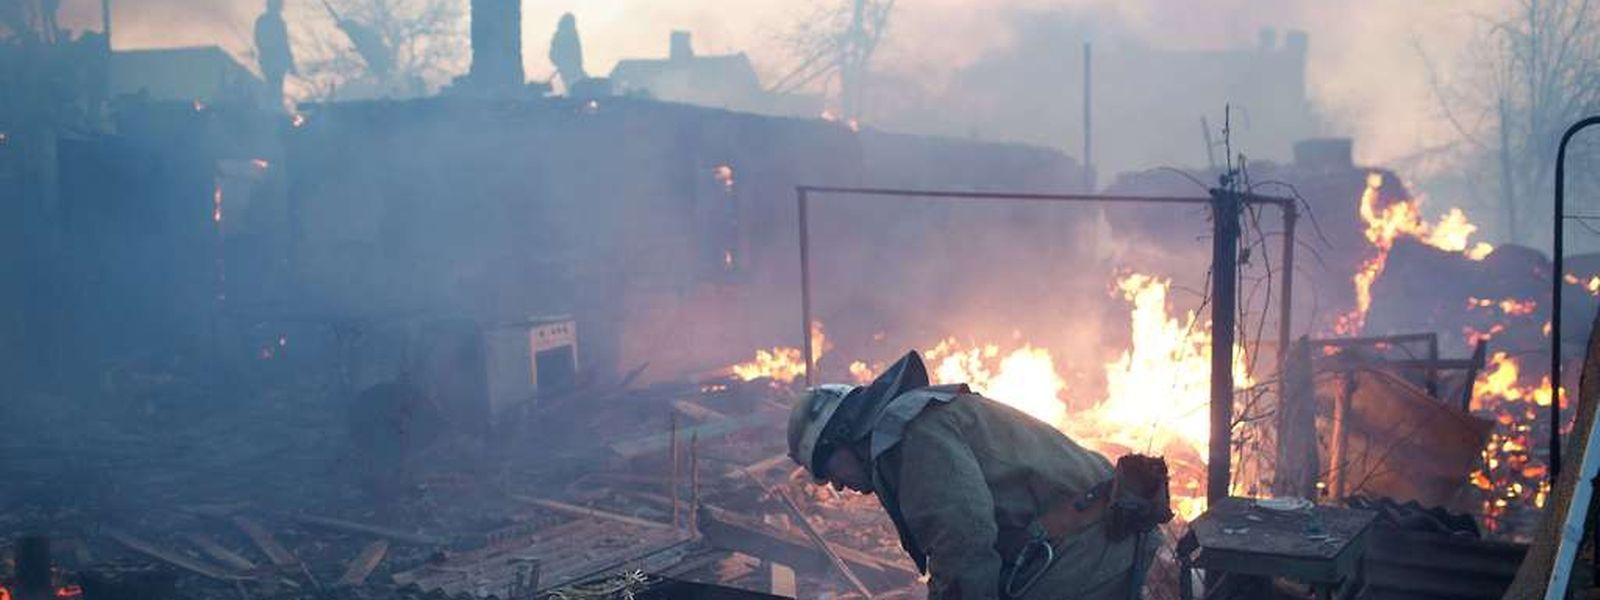 Immerv wieder flammen Gefechte im Krisengebiet auf.